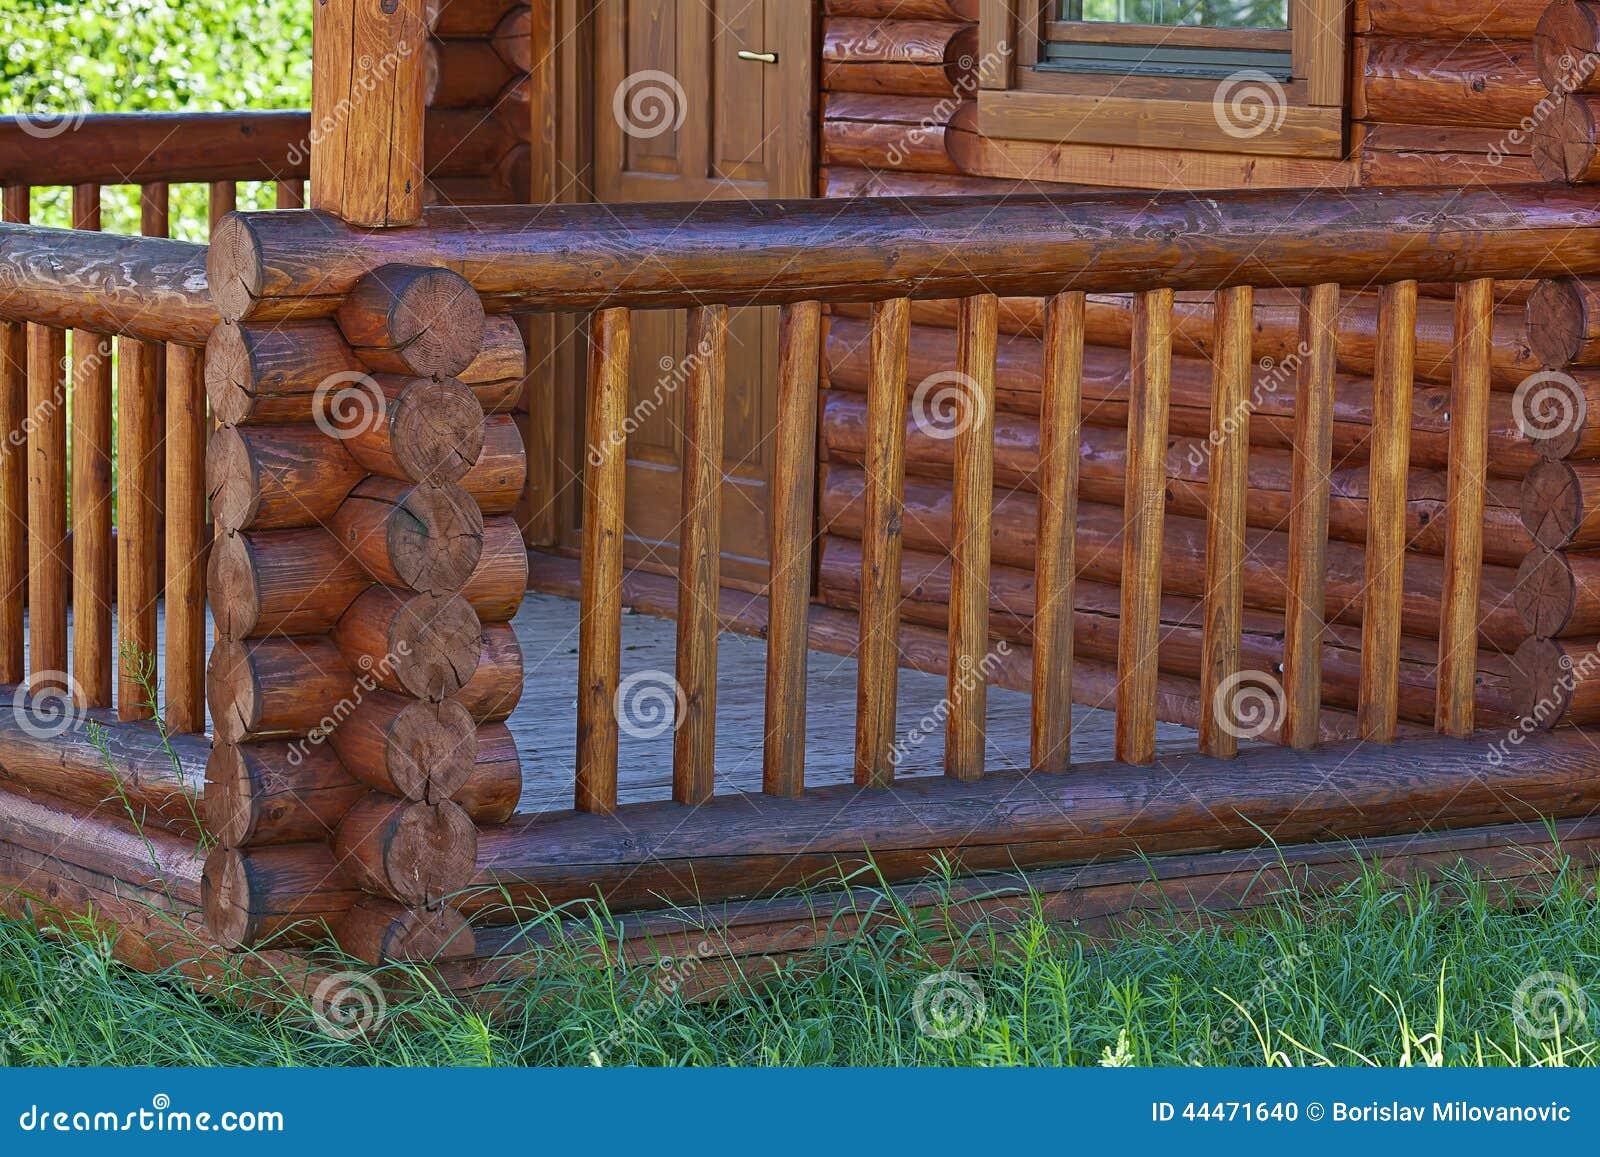 Drewniany ganeczek